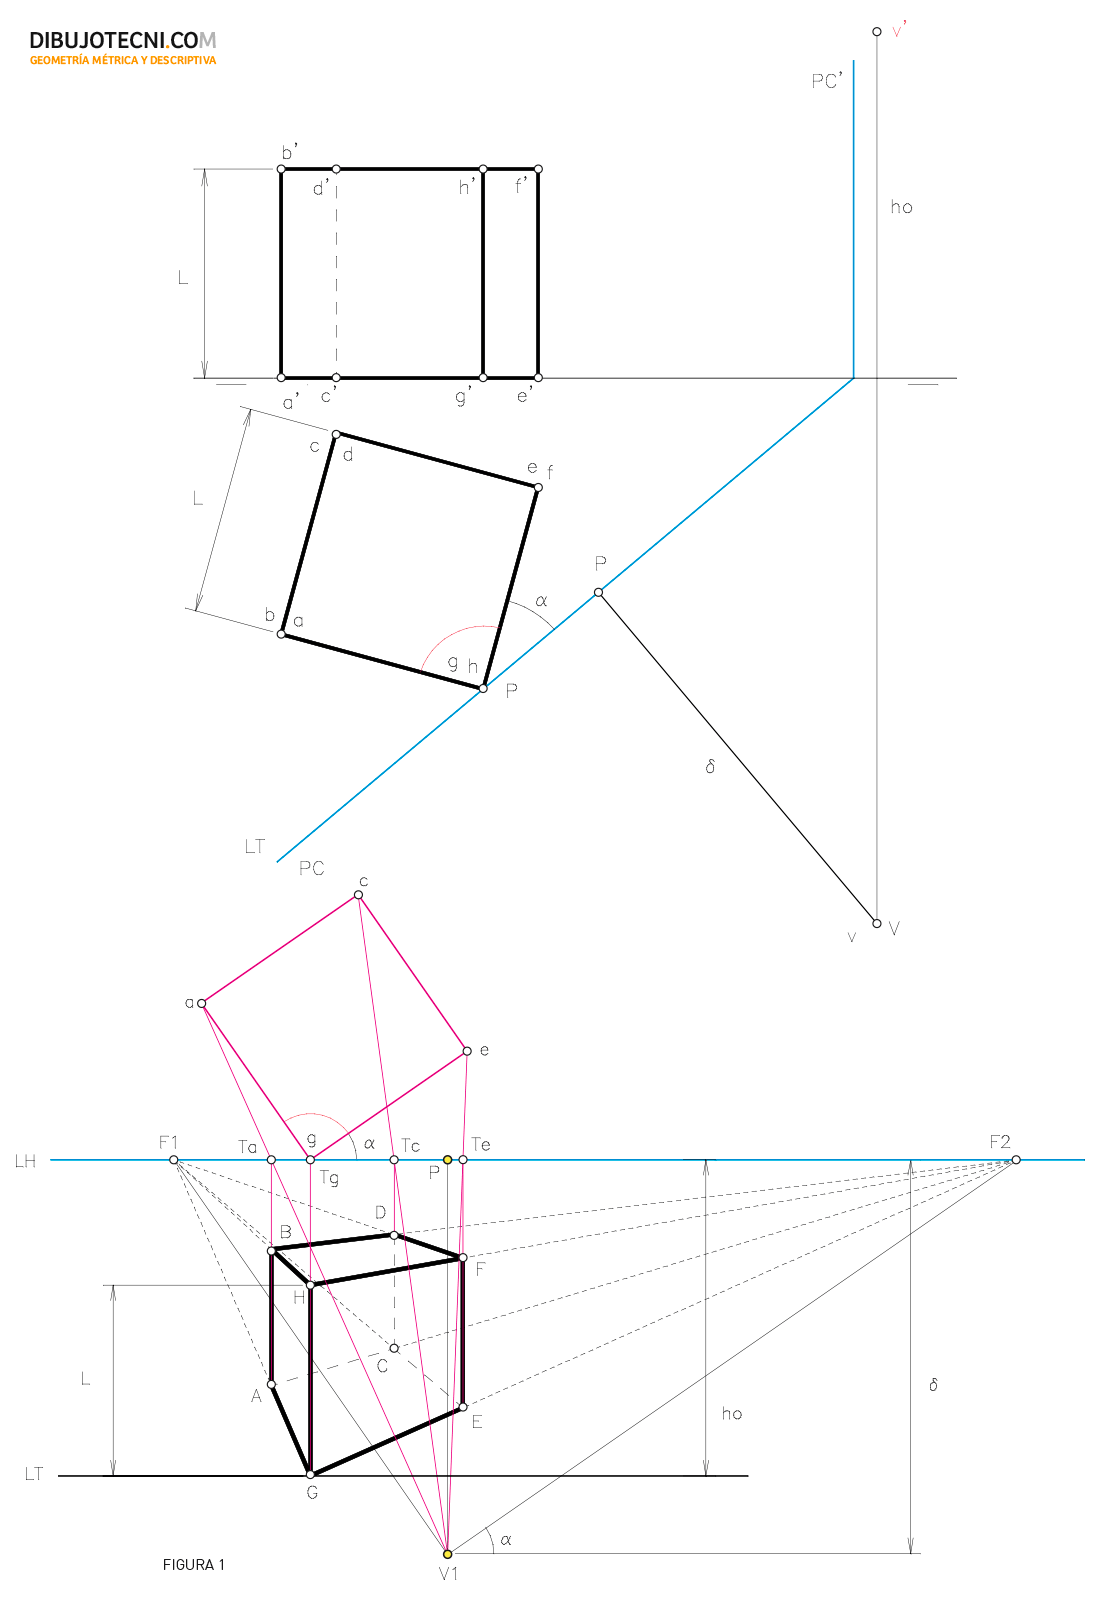 Perspectiva cónica. Método de las proyecciones visuales.